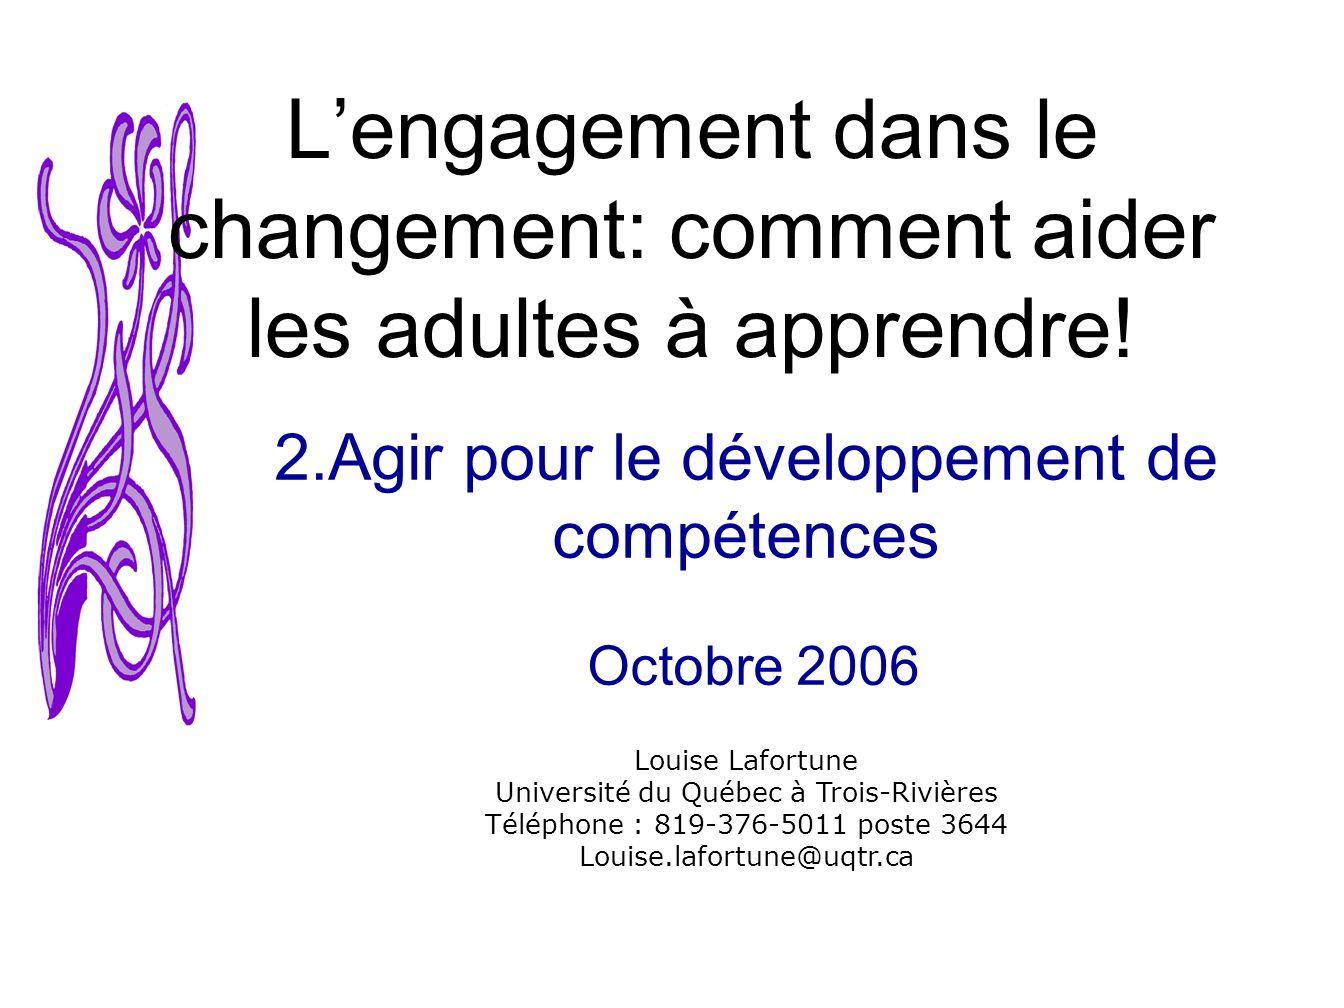 Louise Lafortune Université du Québec à Trois-Rivières Téléphone : 819-376-5011 poste 3644 Louise.lafortune@uqtr.ca Lengagement dans le changement: co